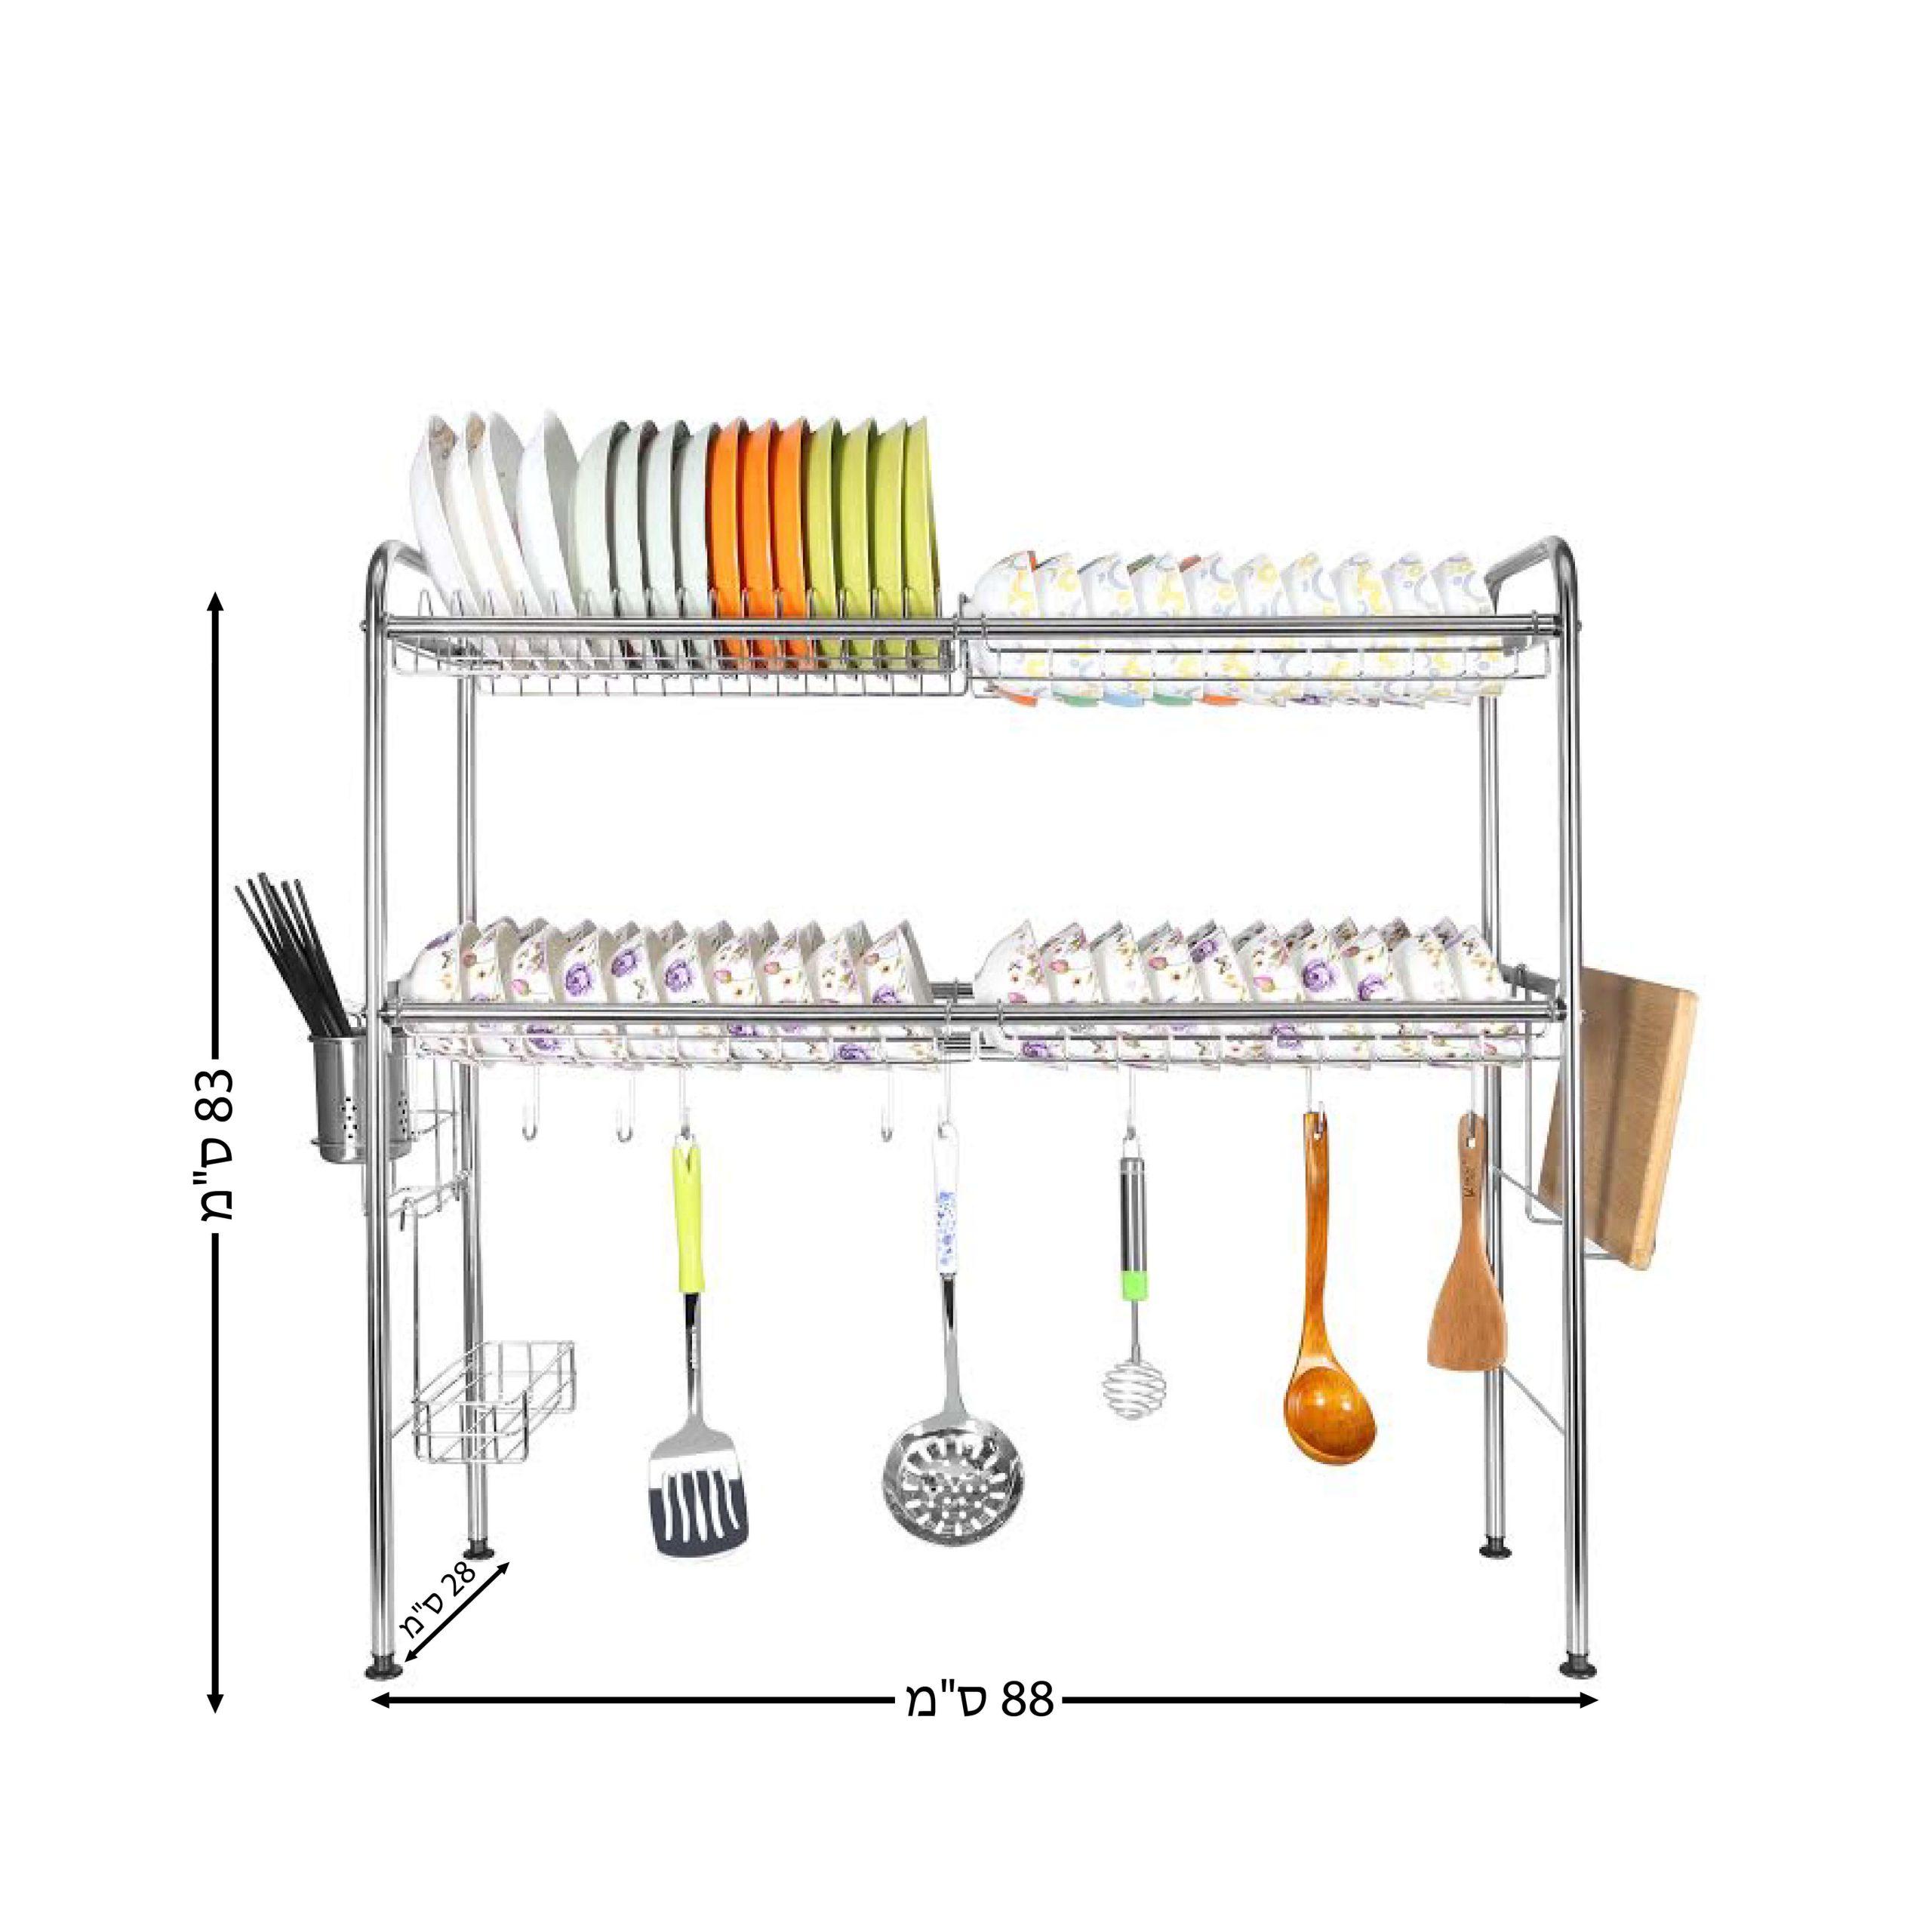 מתקן ייבוש כלים מעל הכיור רוחב 2 כיורים גובה 2 קומות